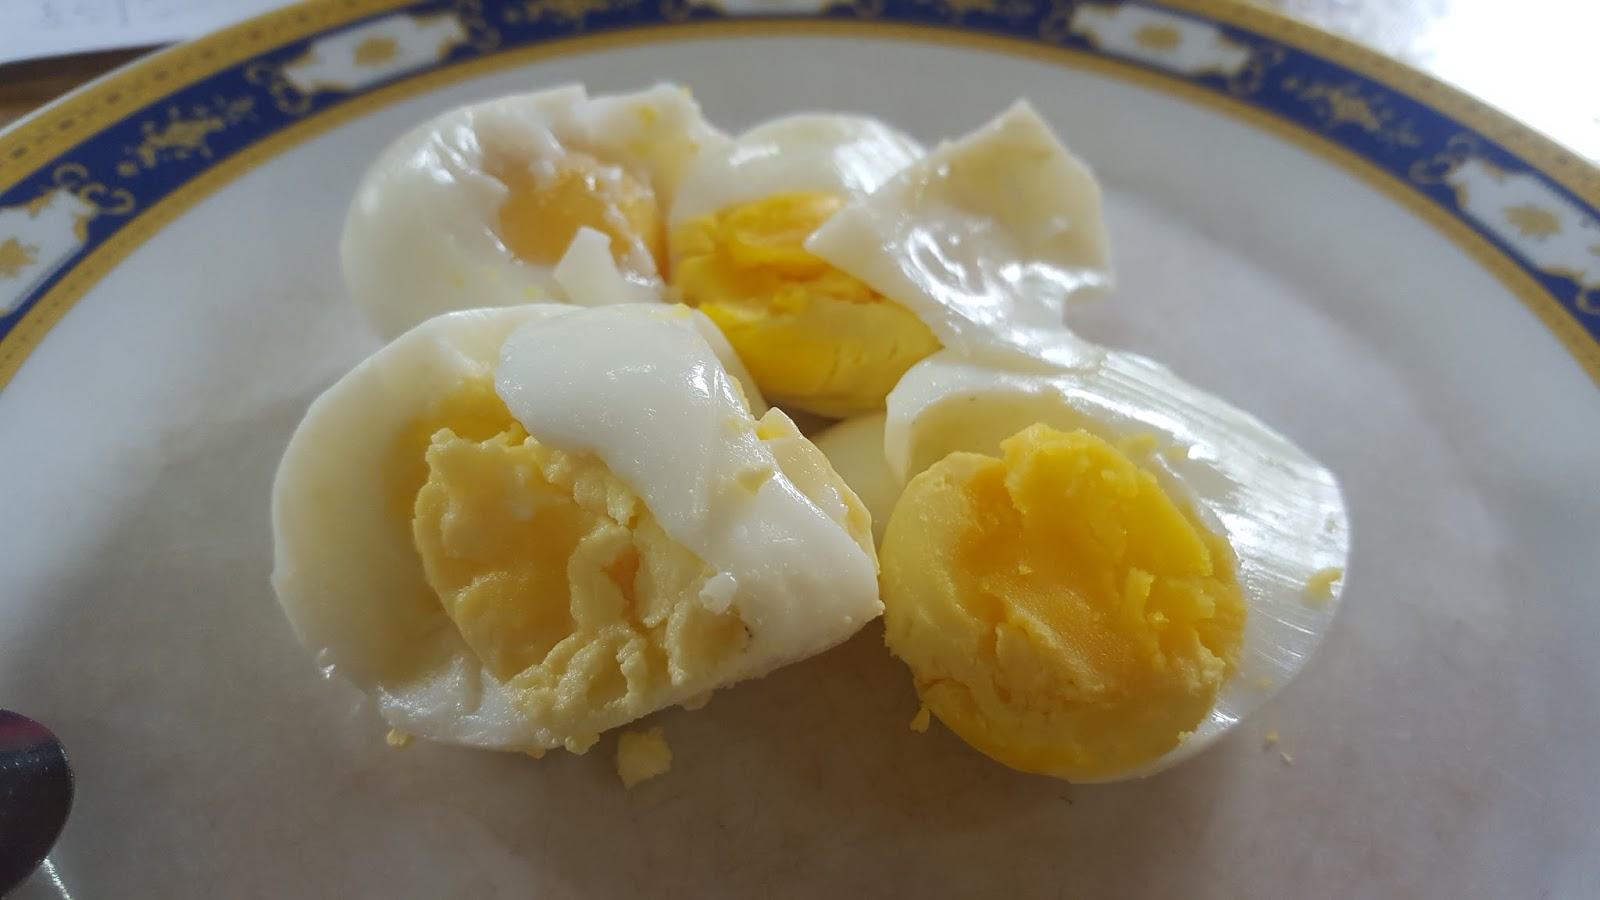 Khasiat Telur Rebus Yang Ramai Tak Tahu, Salah Satunya Untuk Kurus & Cegah Kanser.